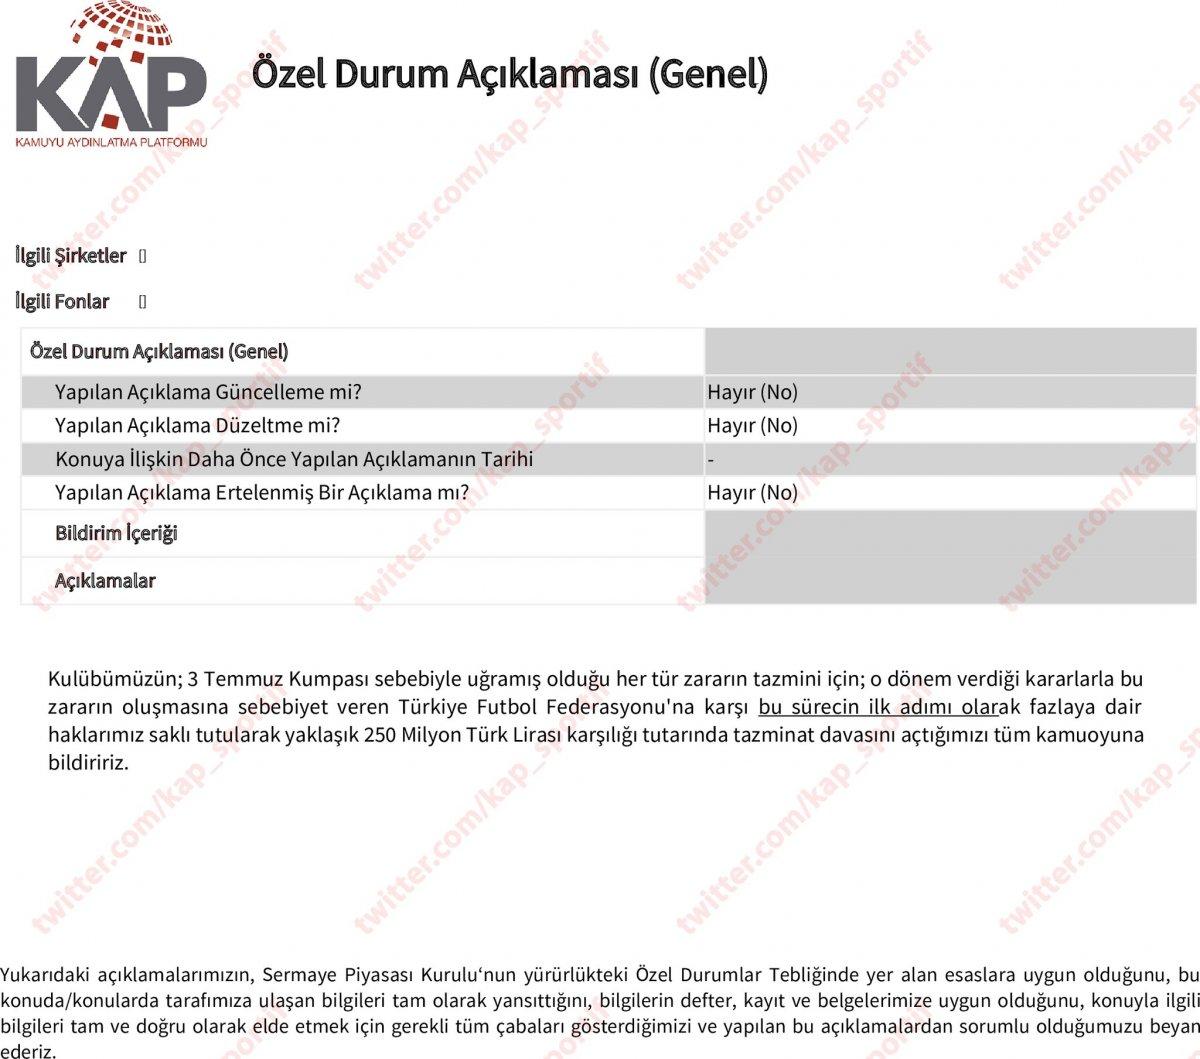 Fenerbahçe, TFF ye tazminat davası açtı #4